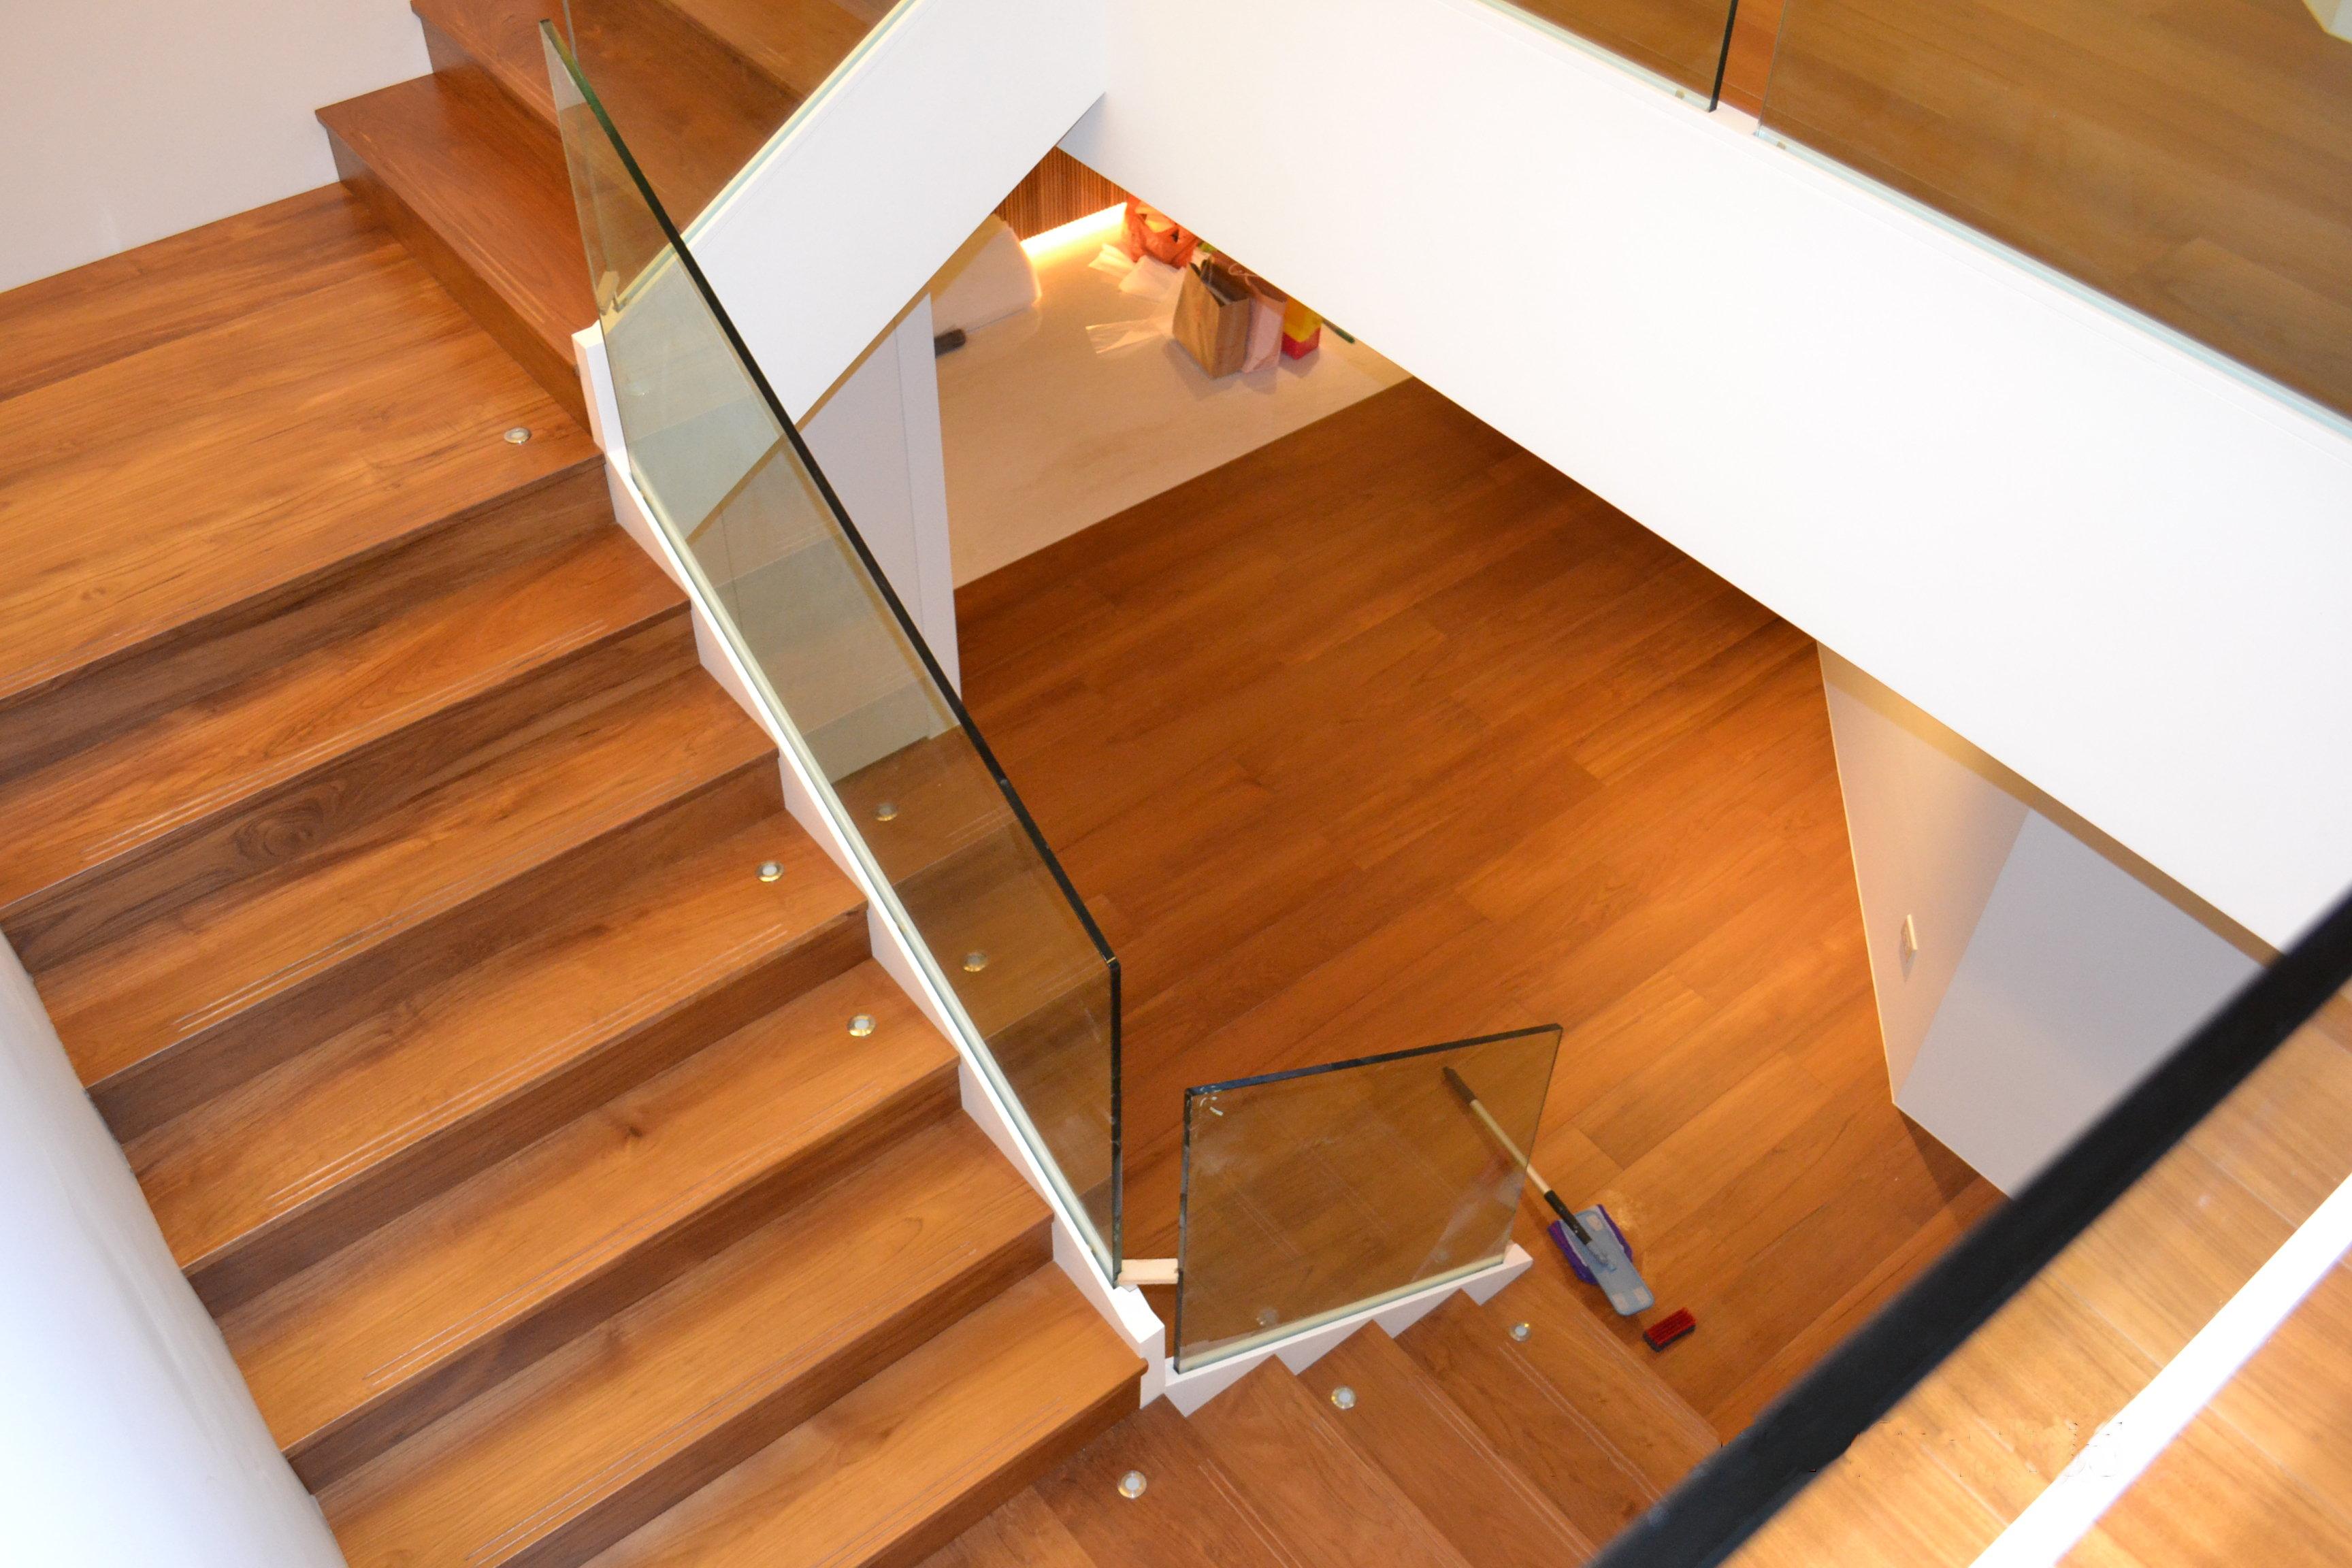 新原古-緬甸柚木樓梯踏板(台北市敦化南路)